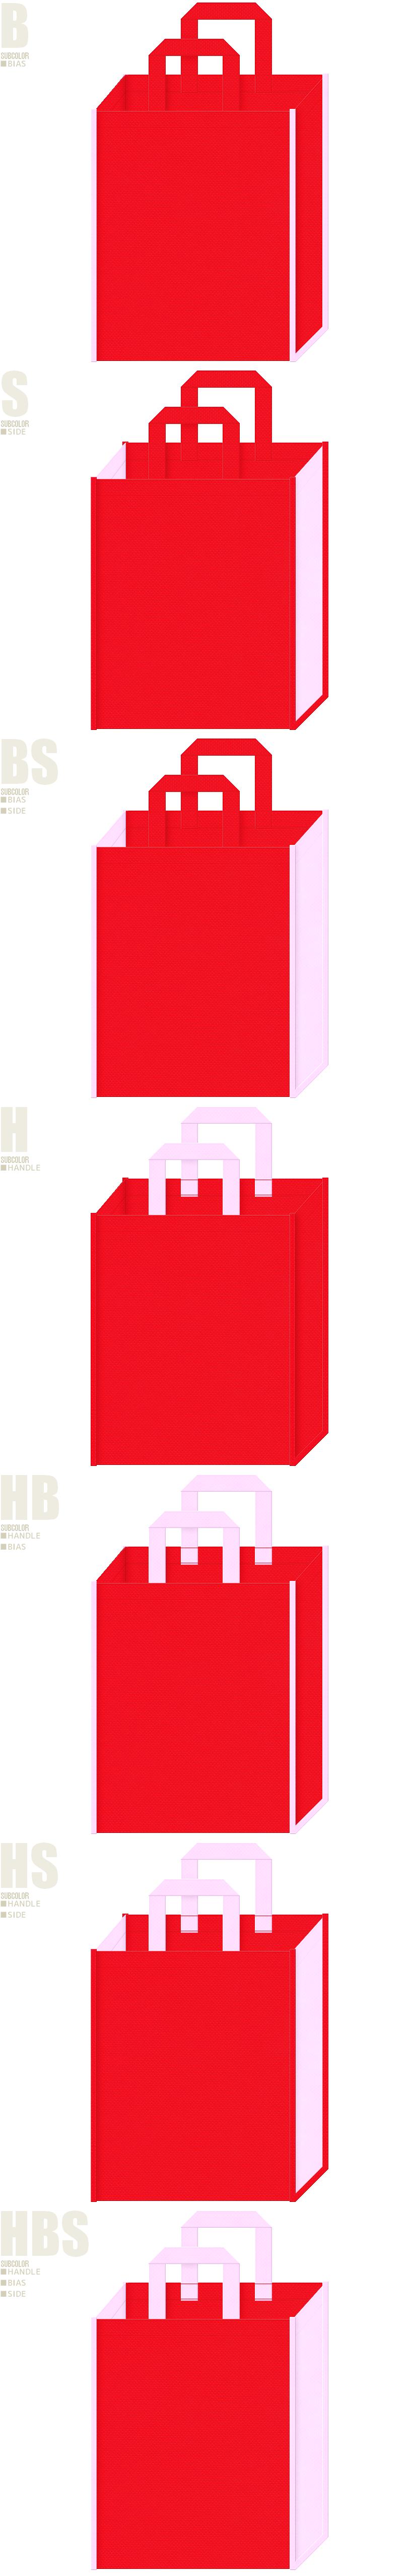 いちご・バレンタイン・ひな祭り・カーネーション・母の日・和風催事・お正月・福袋にお奨めの不織布バッグデザイン:赤色と明るいピンク色の配色7パターン